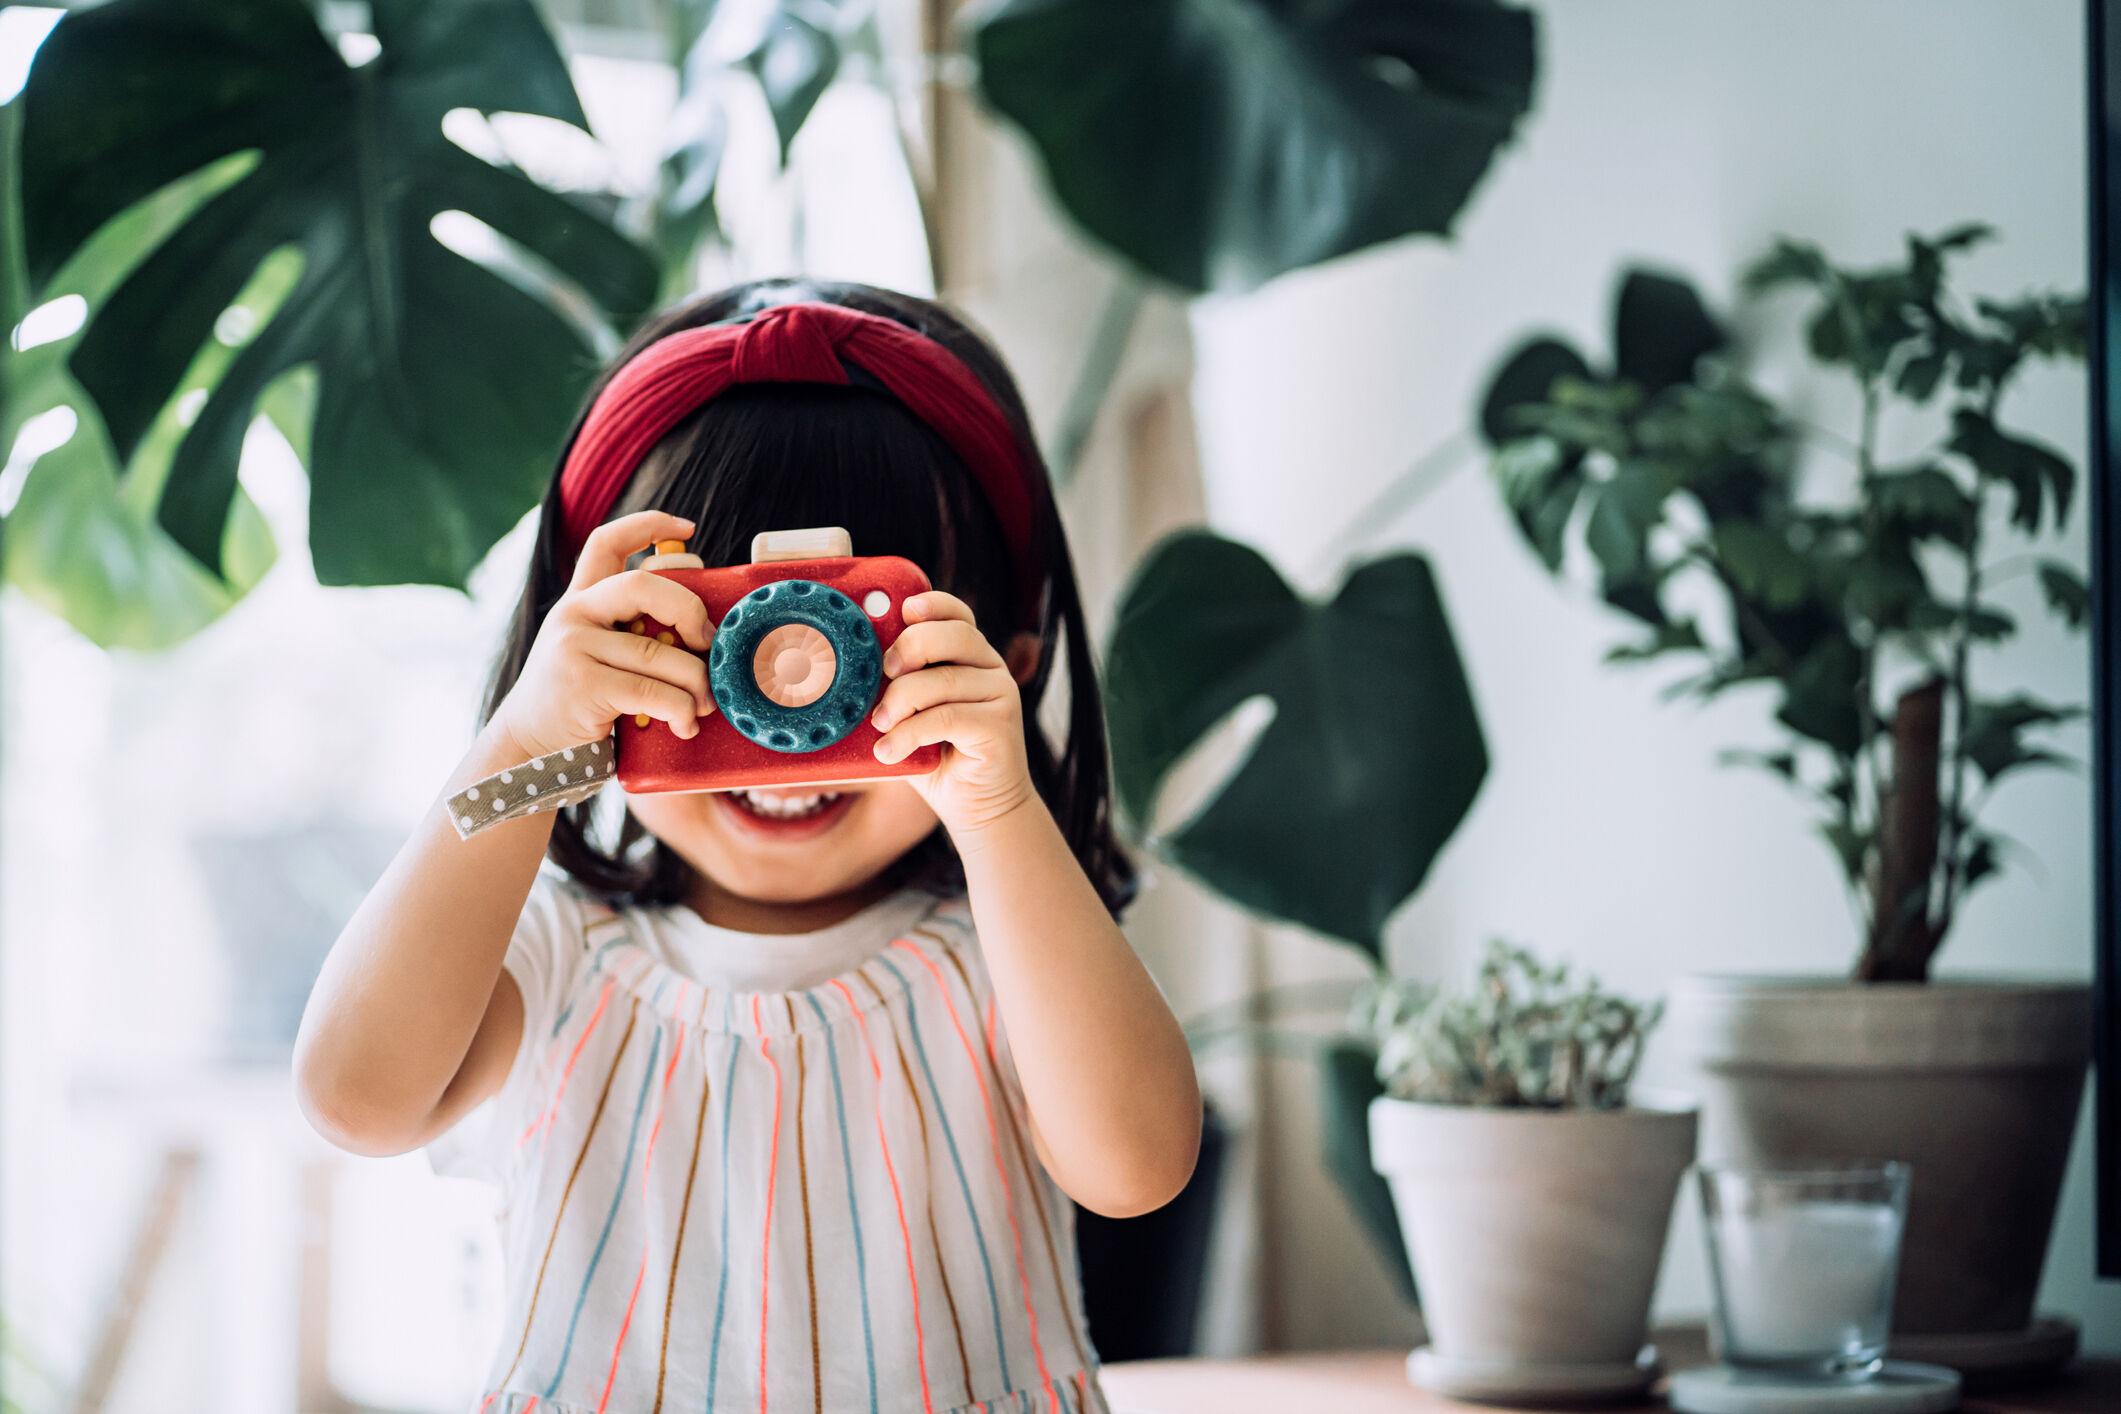 Menina com câmera de brinquedo